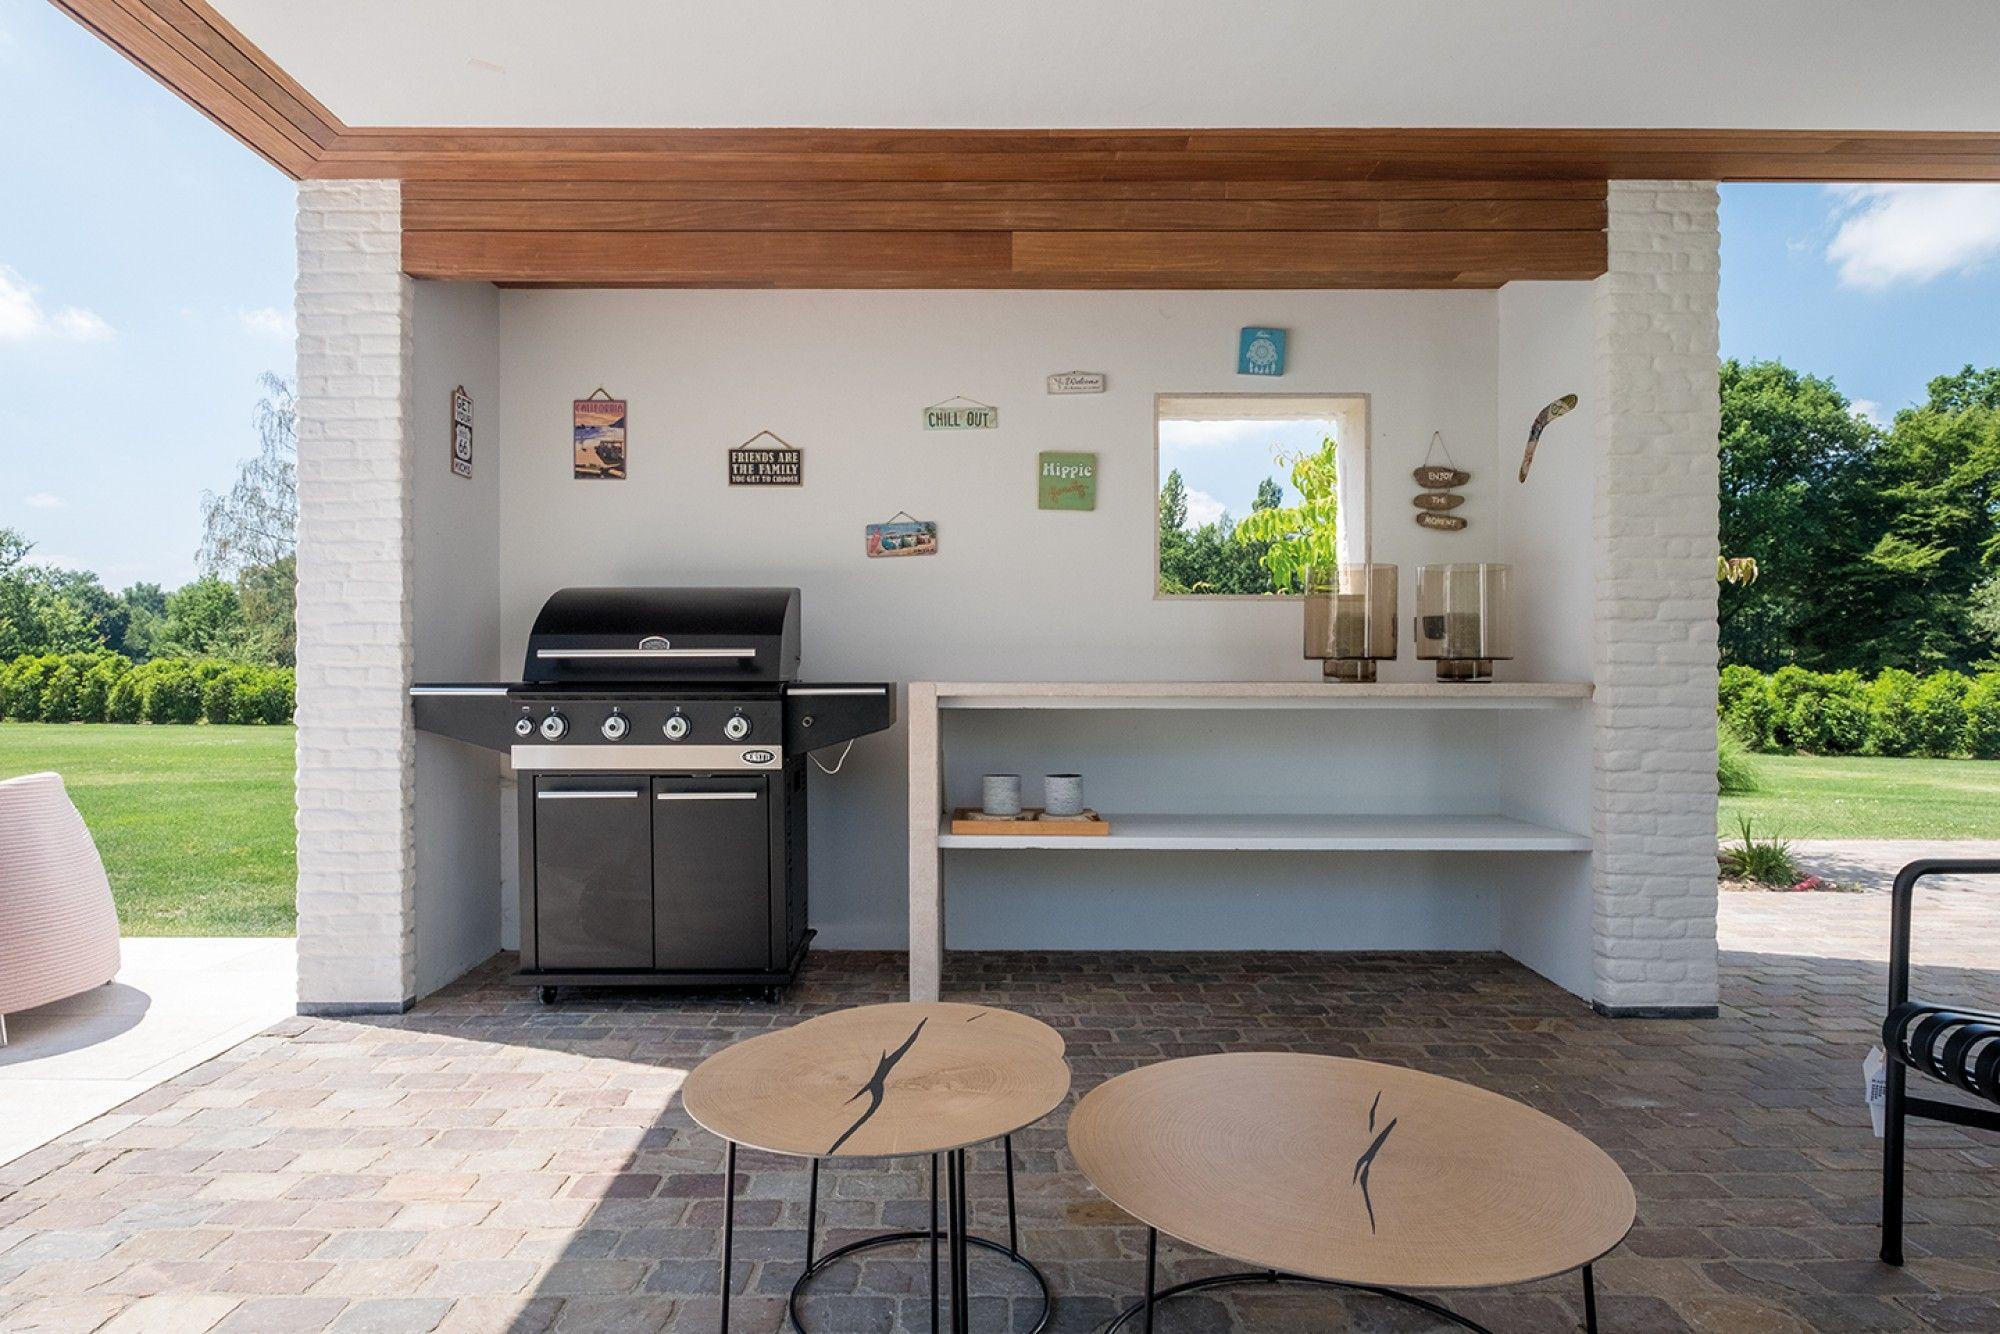 Heerlijke Tuin Vakantiegevoel : Home sweet home heerlijk vakantiegevoel in een moderne